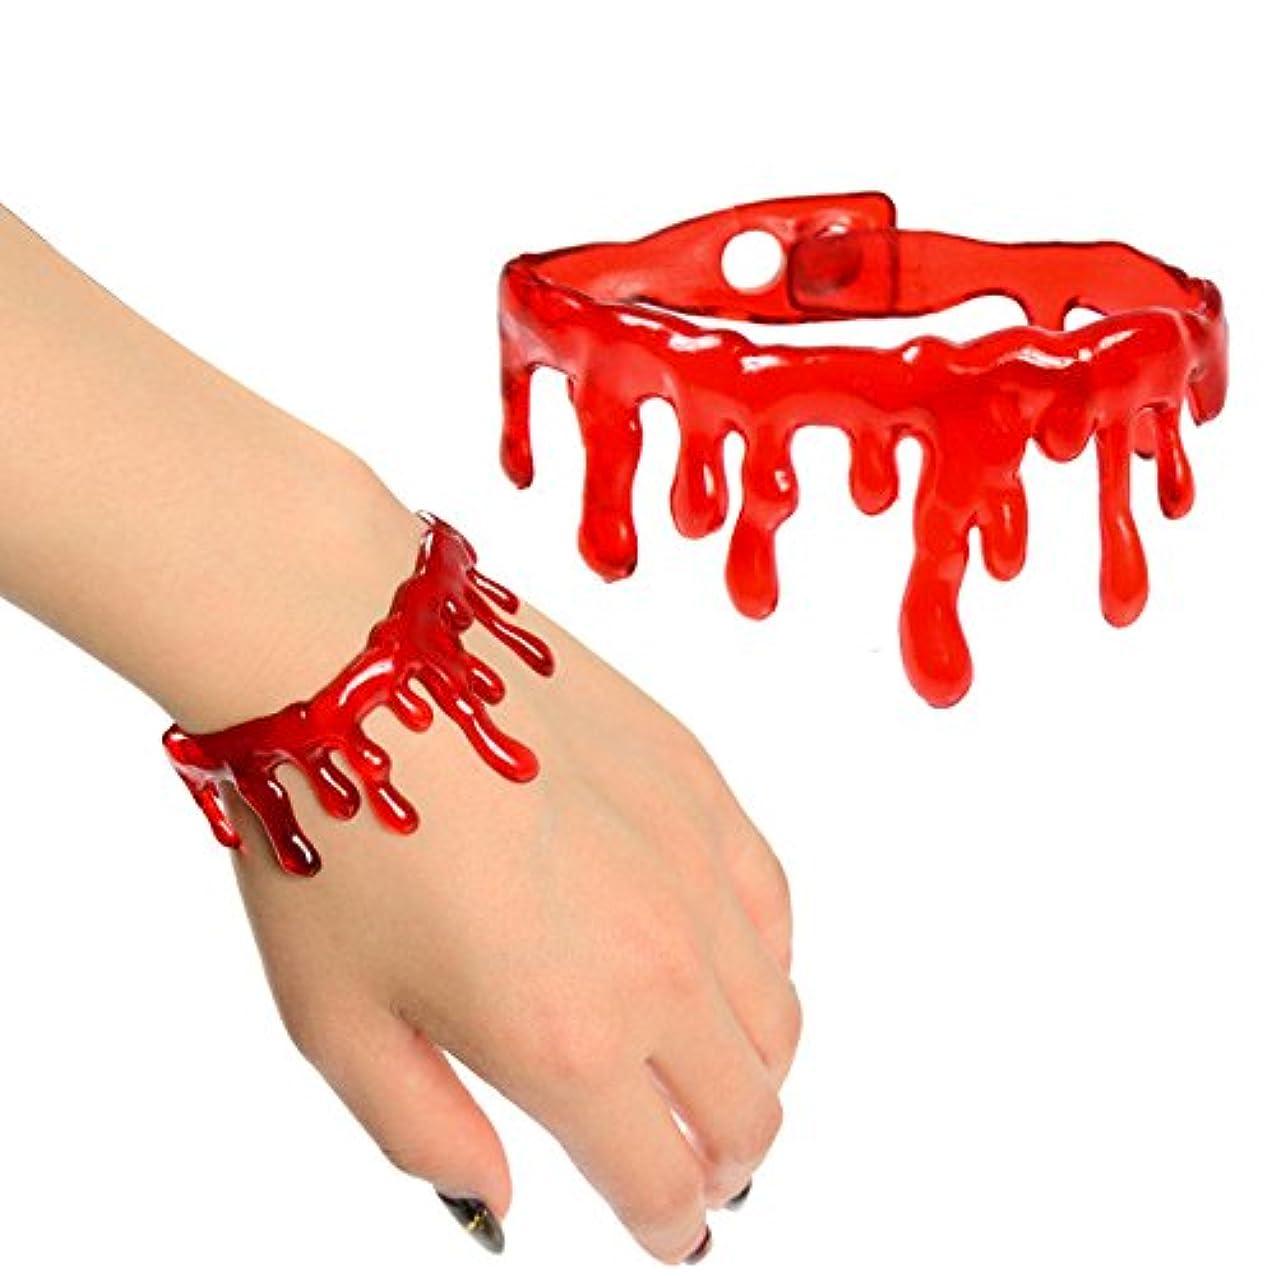 ええ奨学金手書きブラッド ドロップ ブレスレット バングル 血のり 流血 ハロウィン 雑貨 小物 ゾンビ